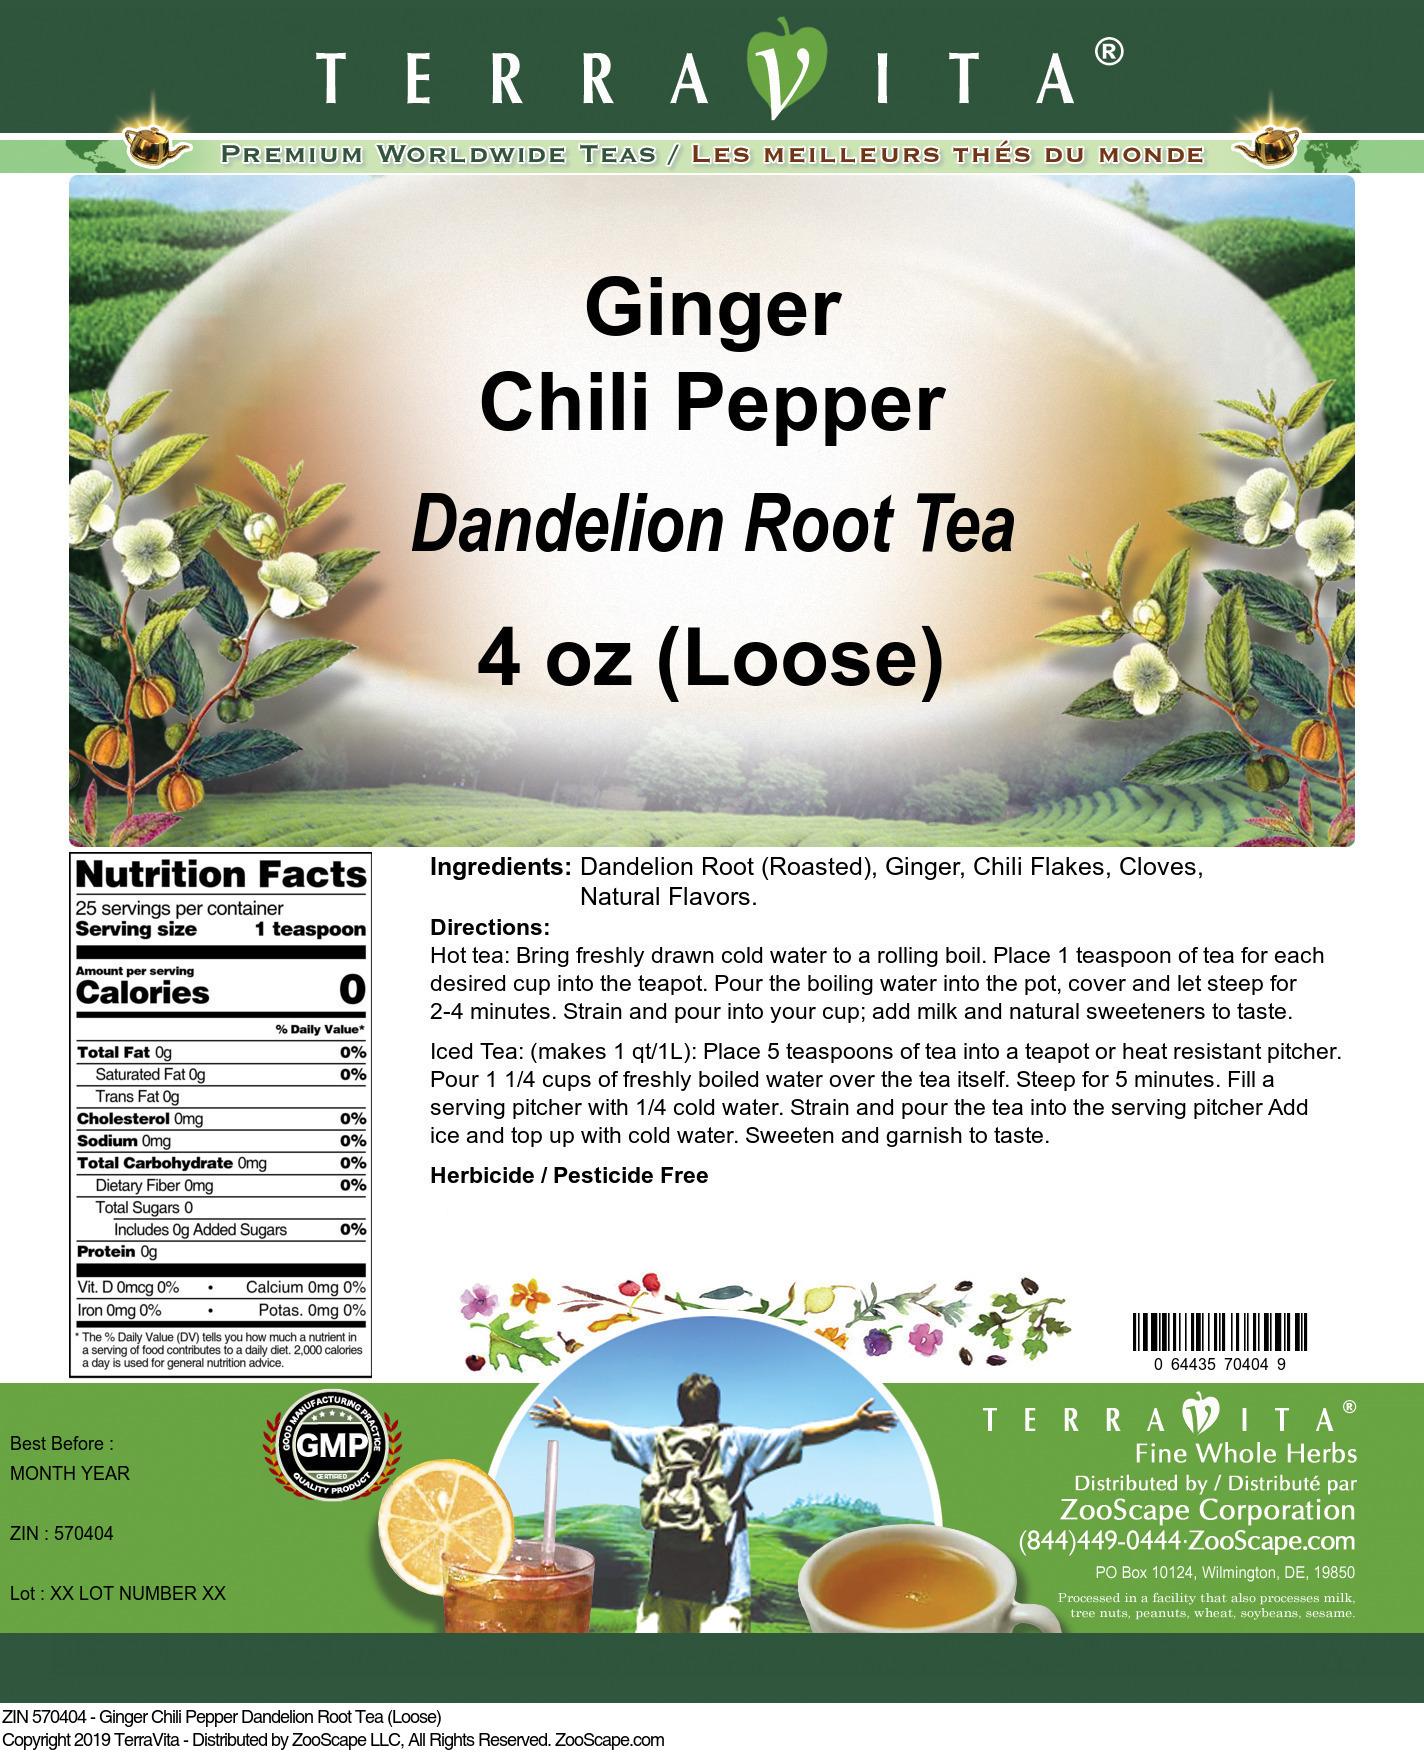 Ginger Chili Pepper Dandelion Root